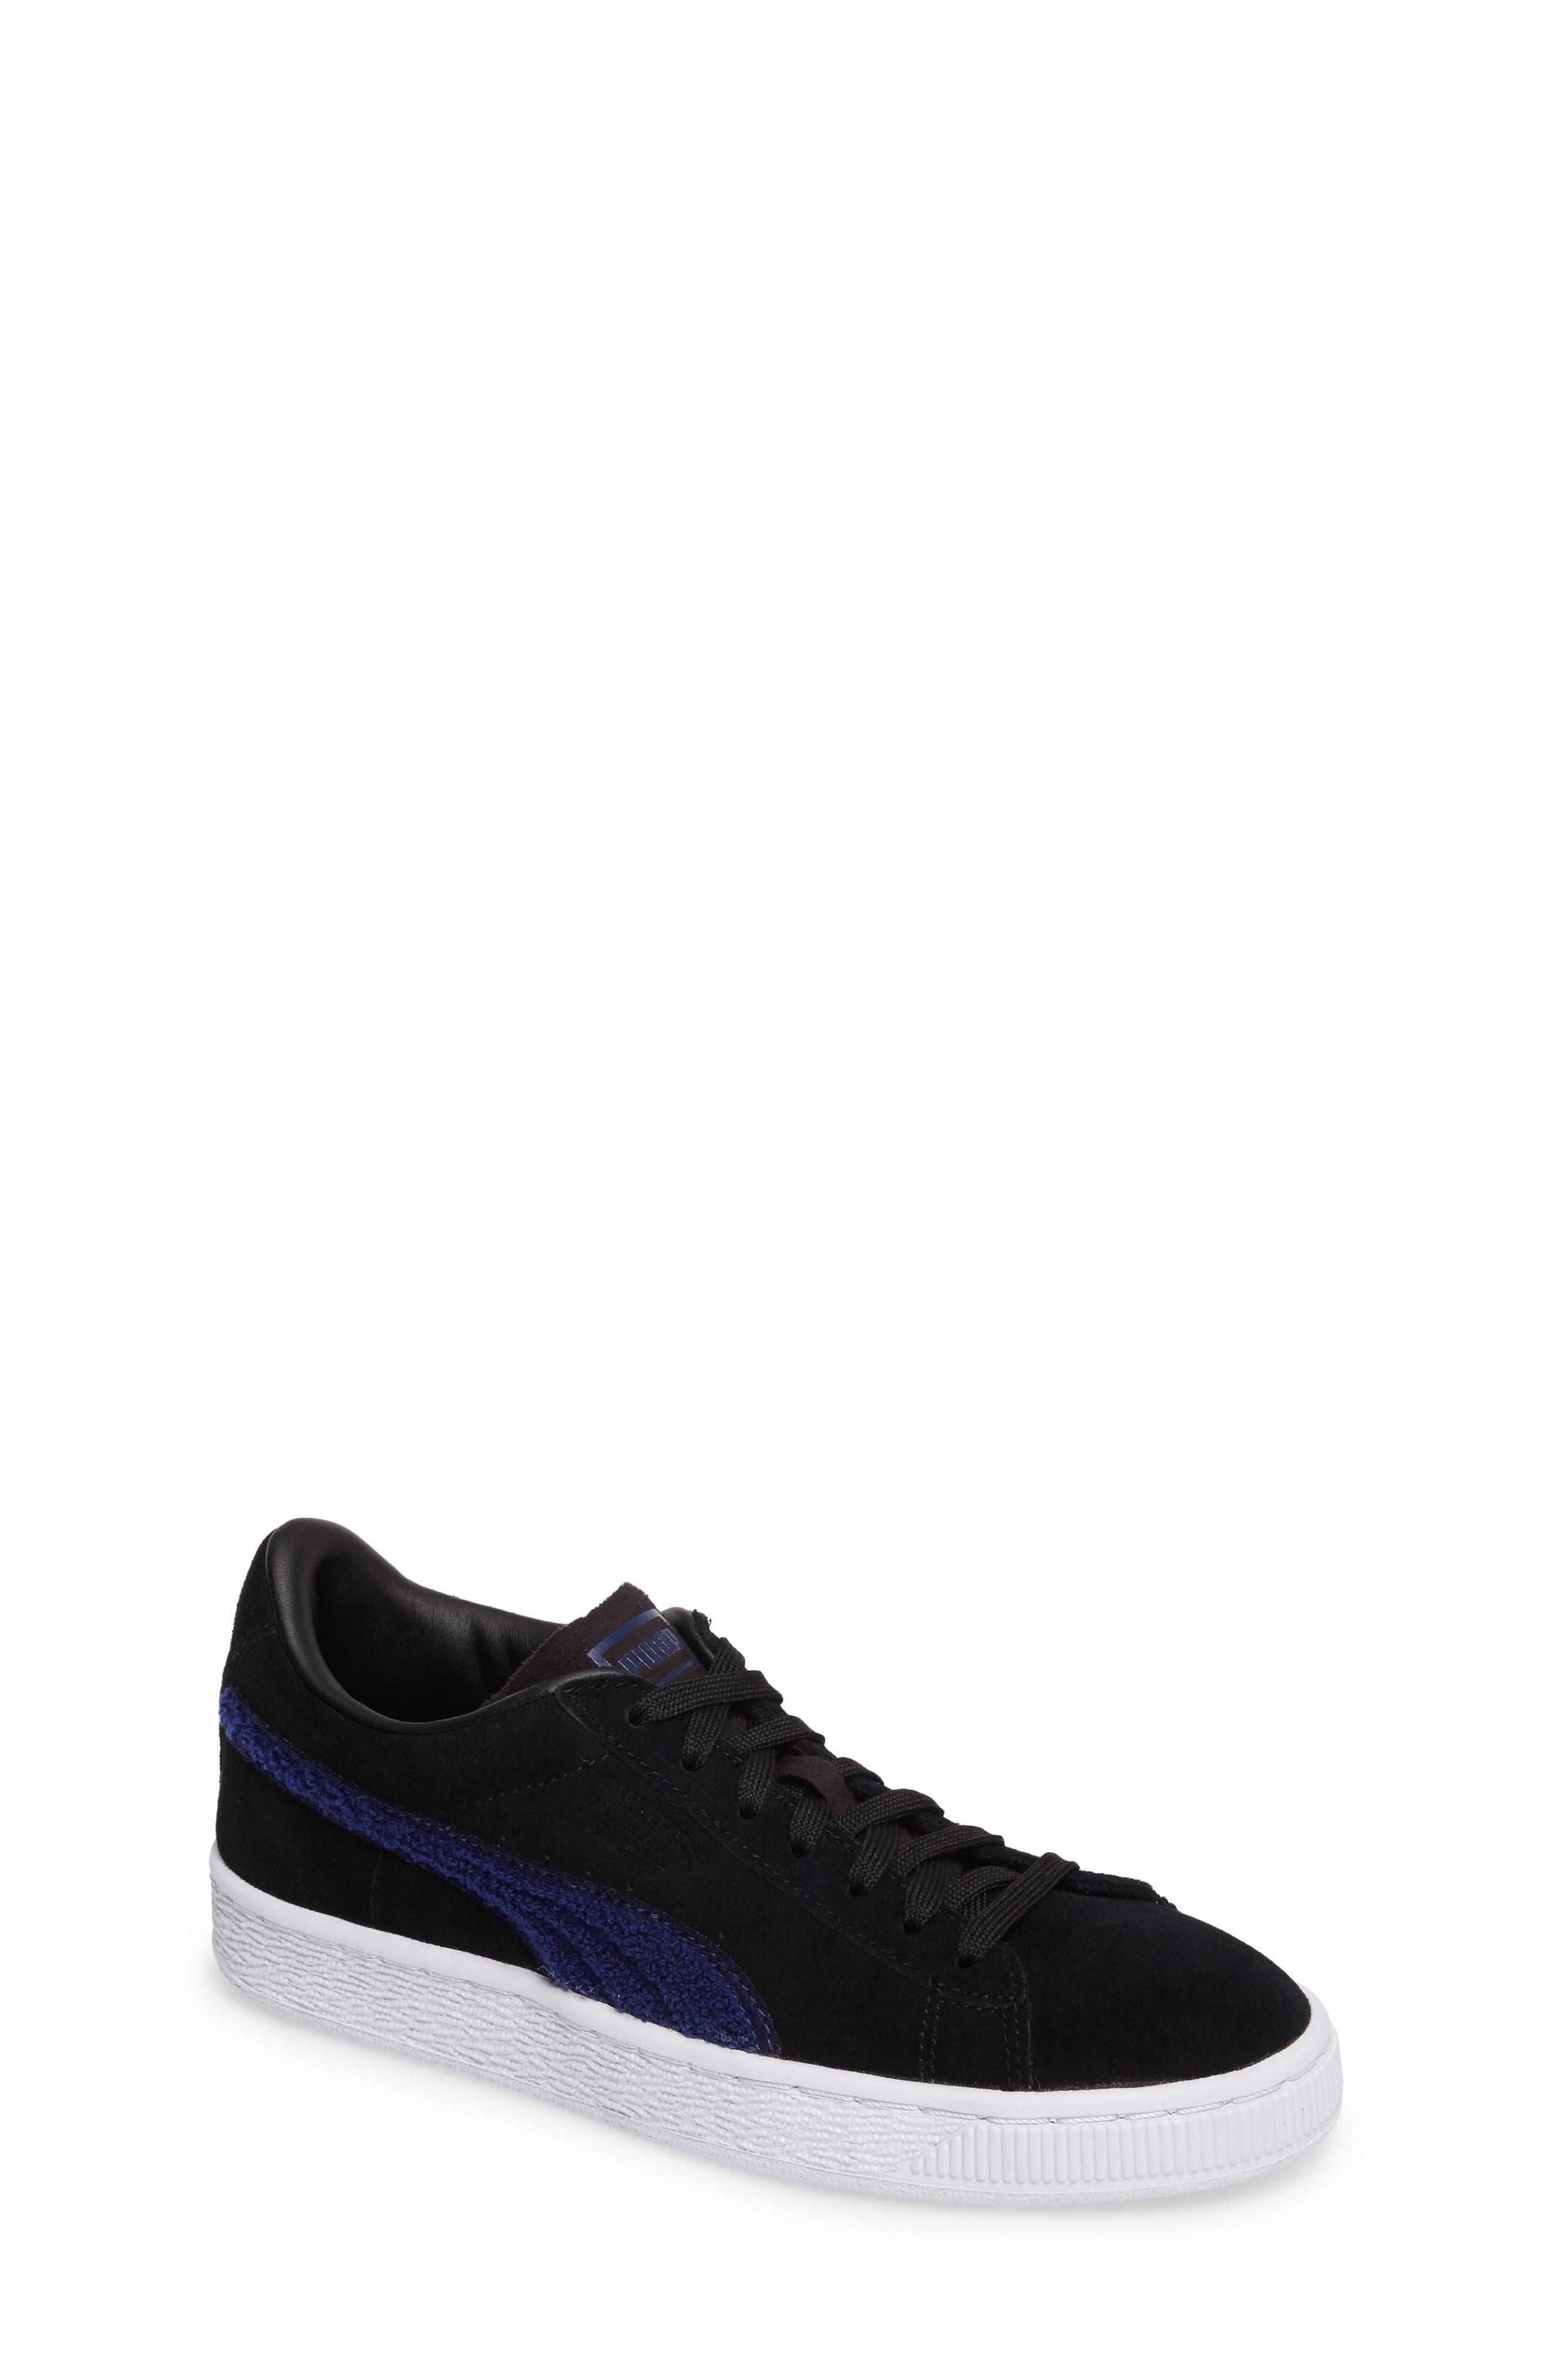 Alternate Image 1 Selected - PUMA Classic Terry Jr Sneaker (Big Kid)